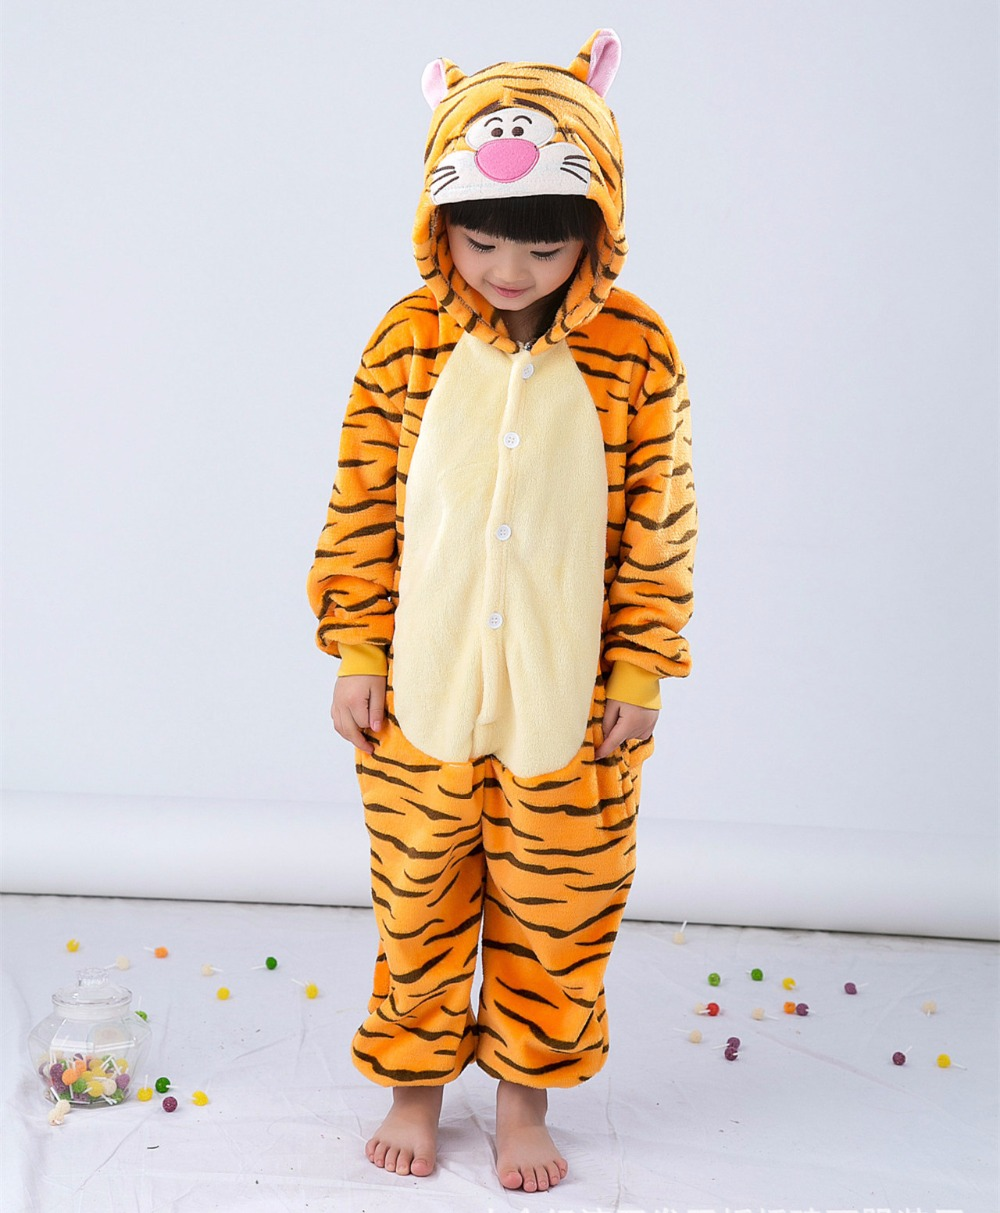 Cizgi filmi Heyvan Onesie Kostyum Tiger Uşaqlar üçün geyimlər, - Karnaval kostyumlar - Fotoqrafiya 5